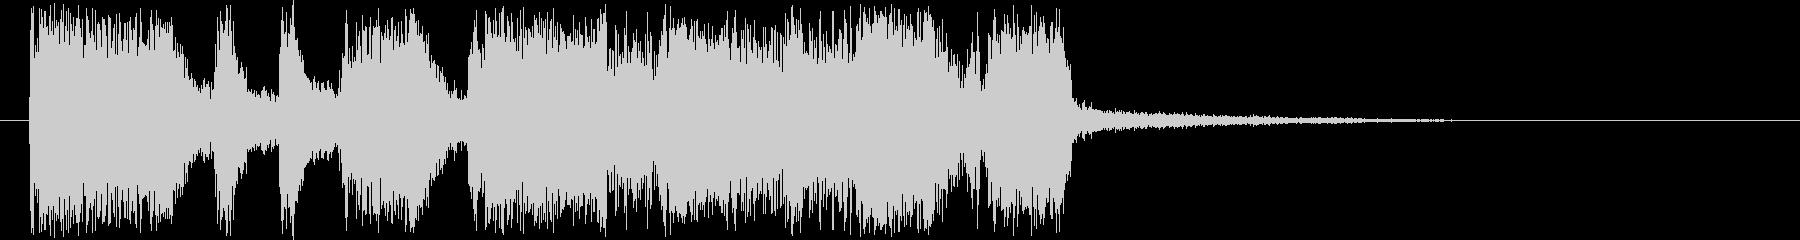 活気のあるギターロック短めジングルの未再生の波形